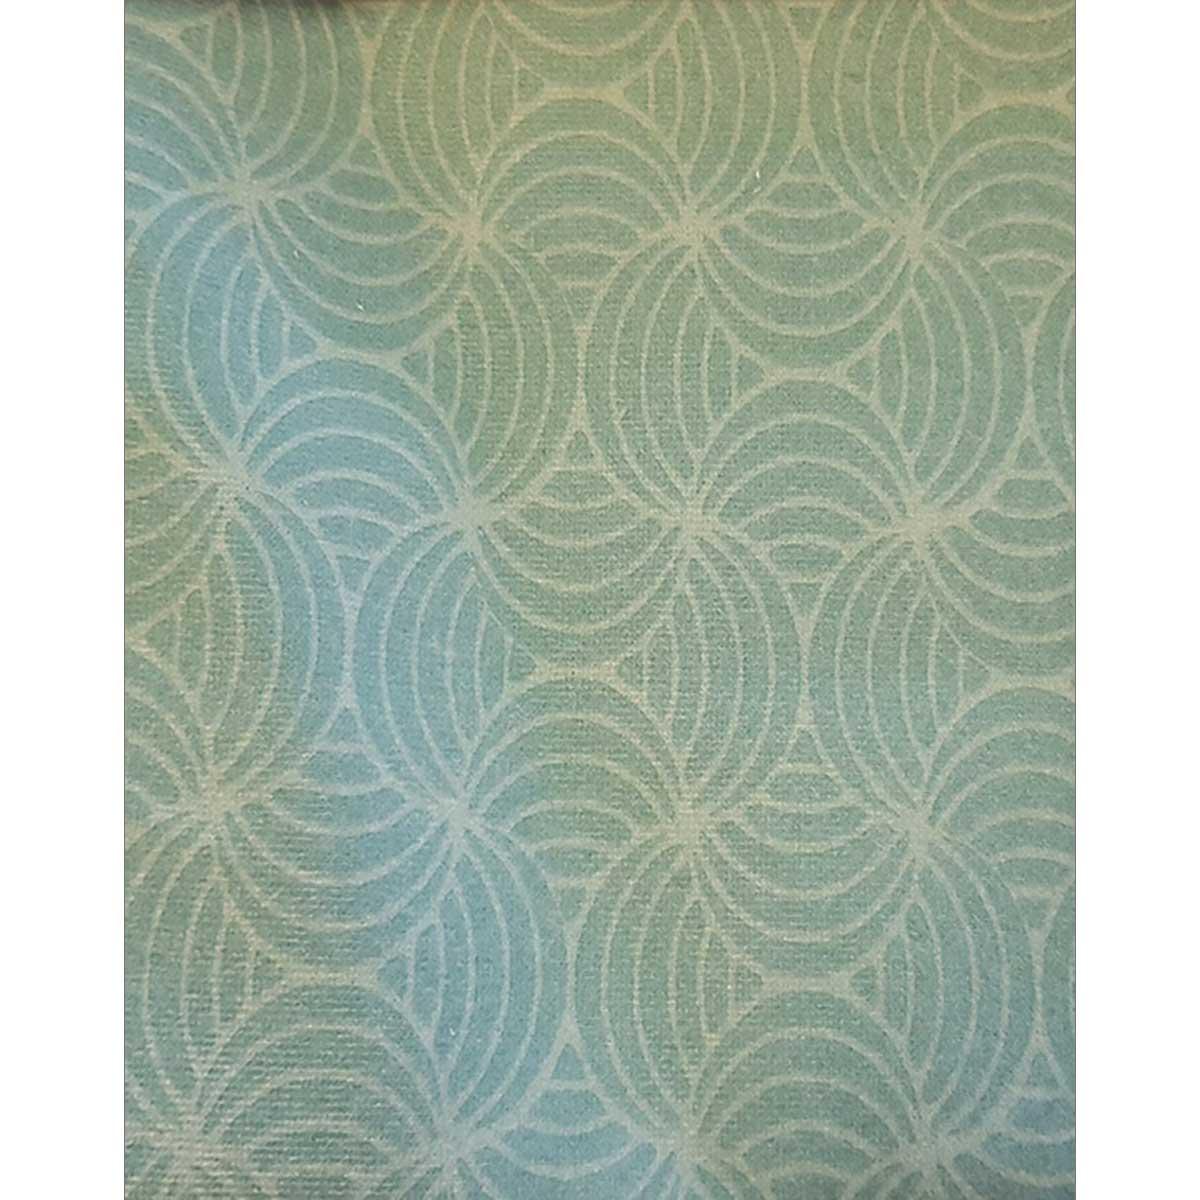 Tissu déperlant imprimé géométrique - Vert - 1.55 m